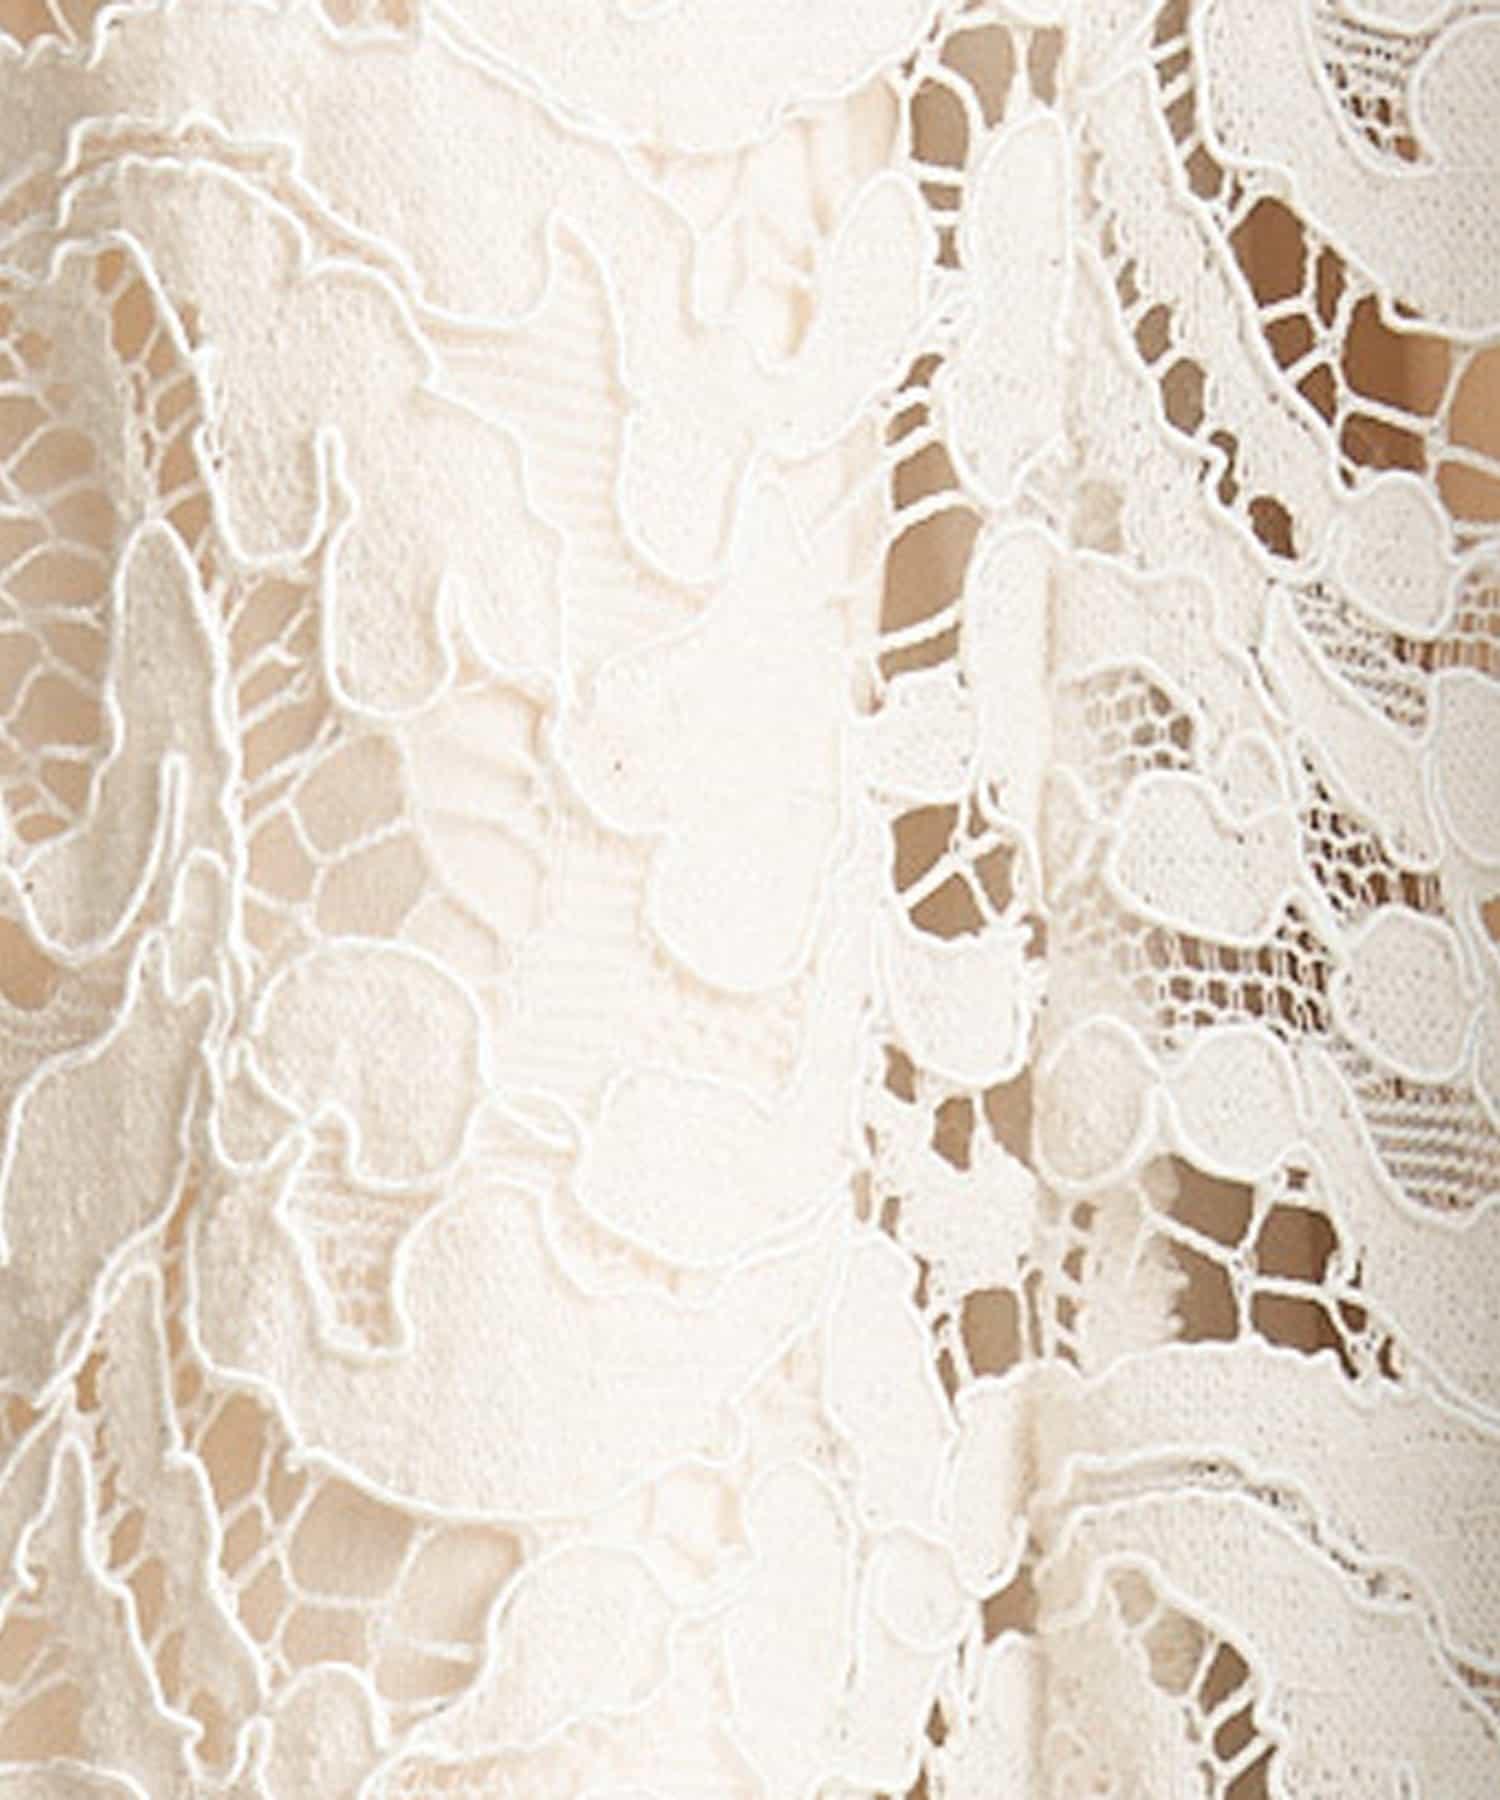 La boutique BonBon(ラブティックボンボン) 【XSもご用意】レースマーメイドマキシスカート